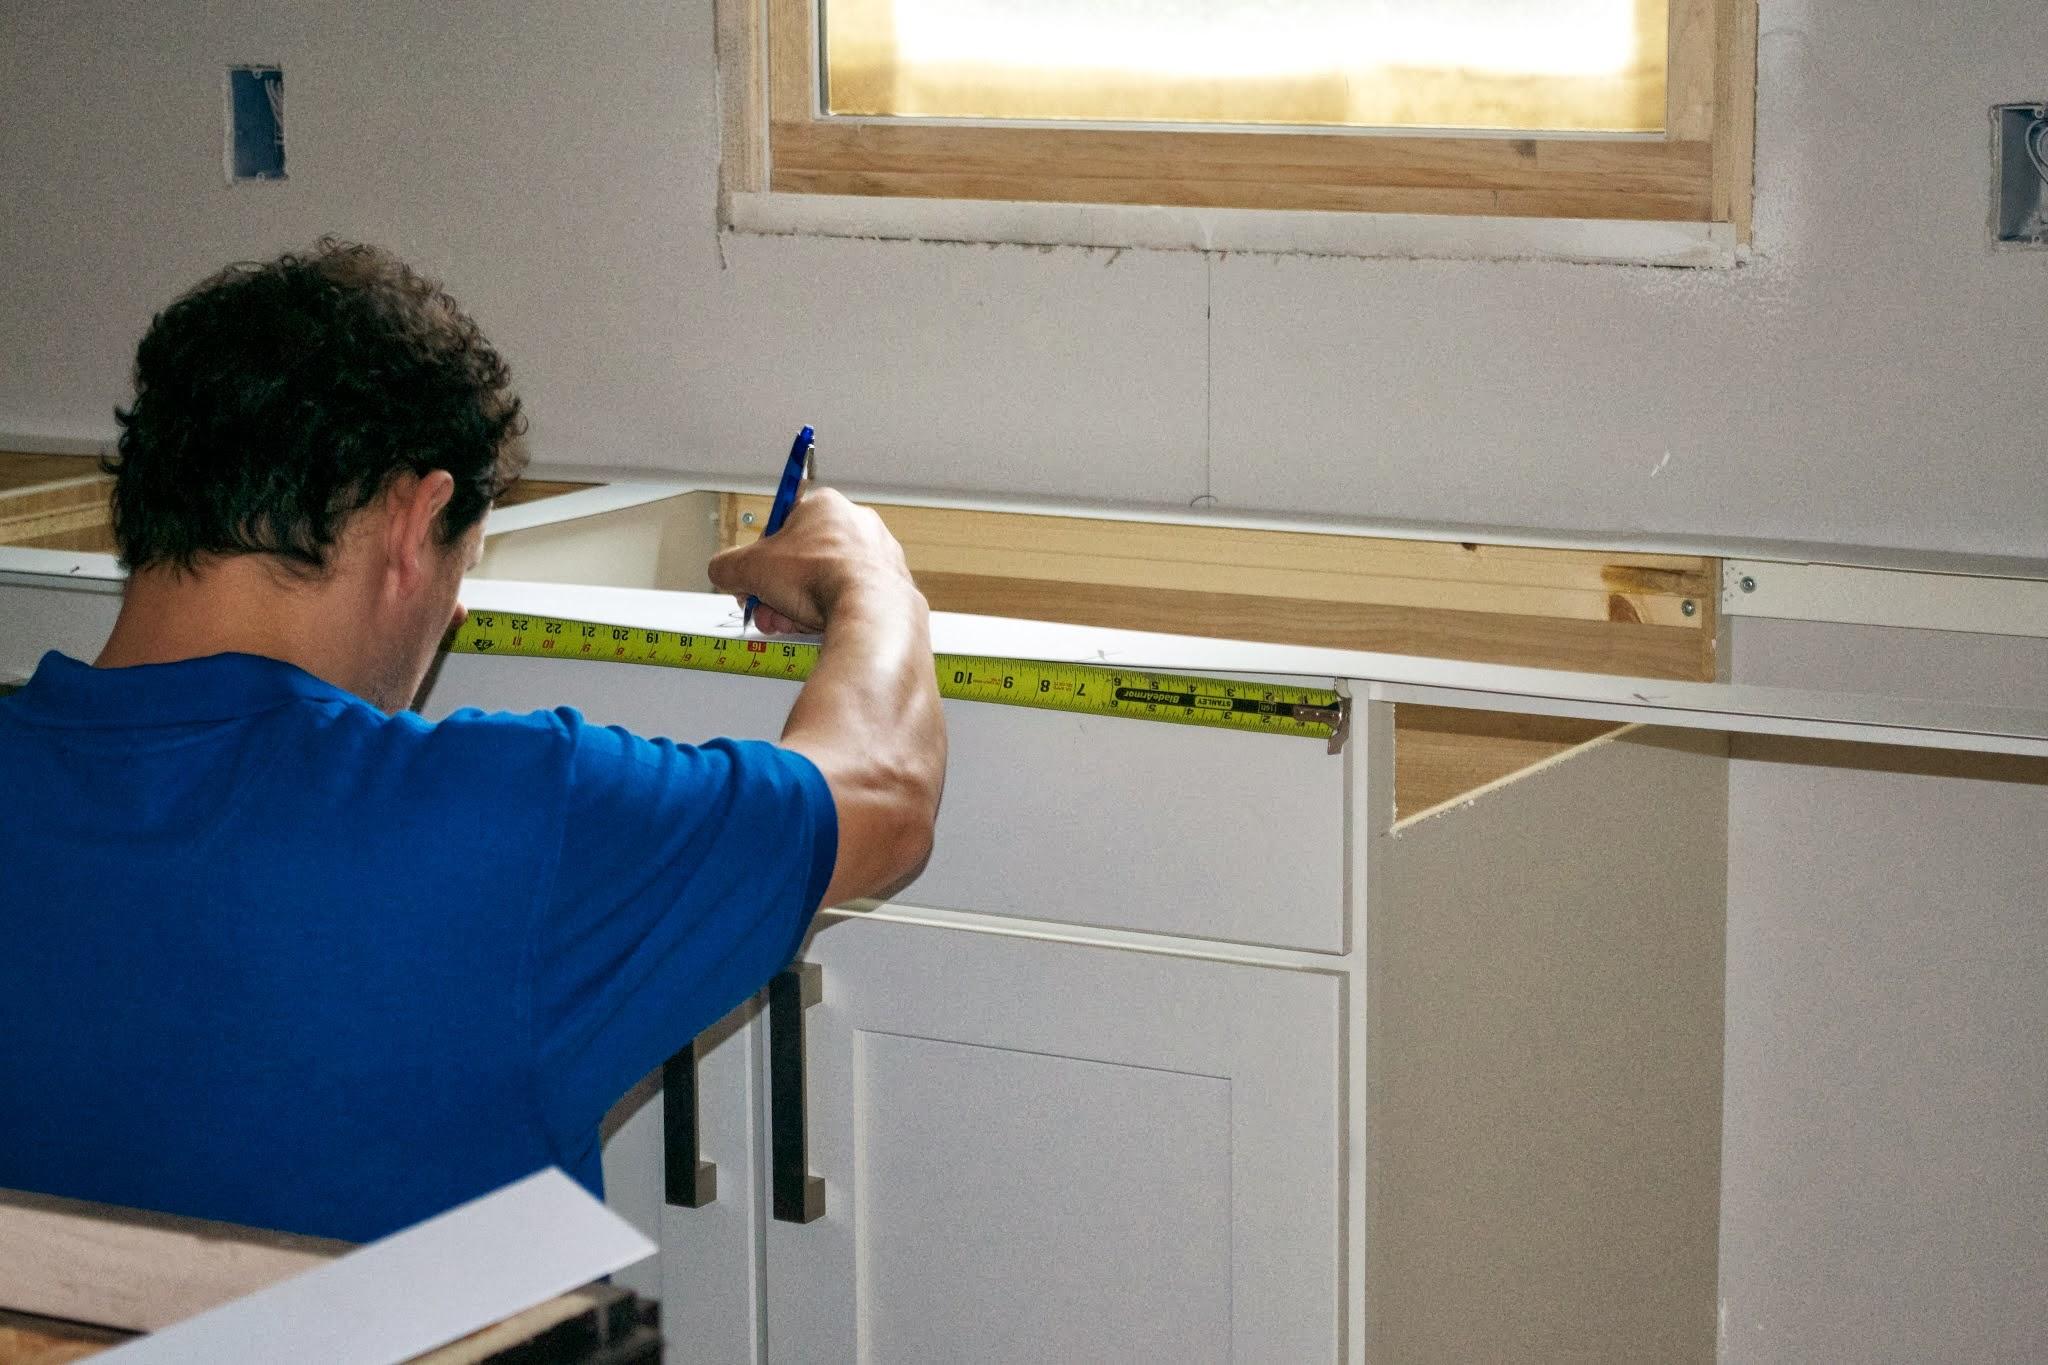 Crear plantillas para las cubiertas de cocina  Constru